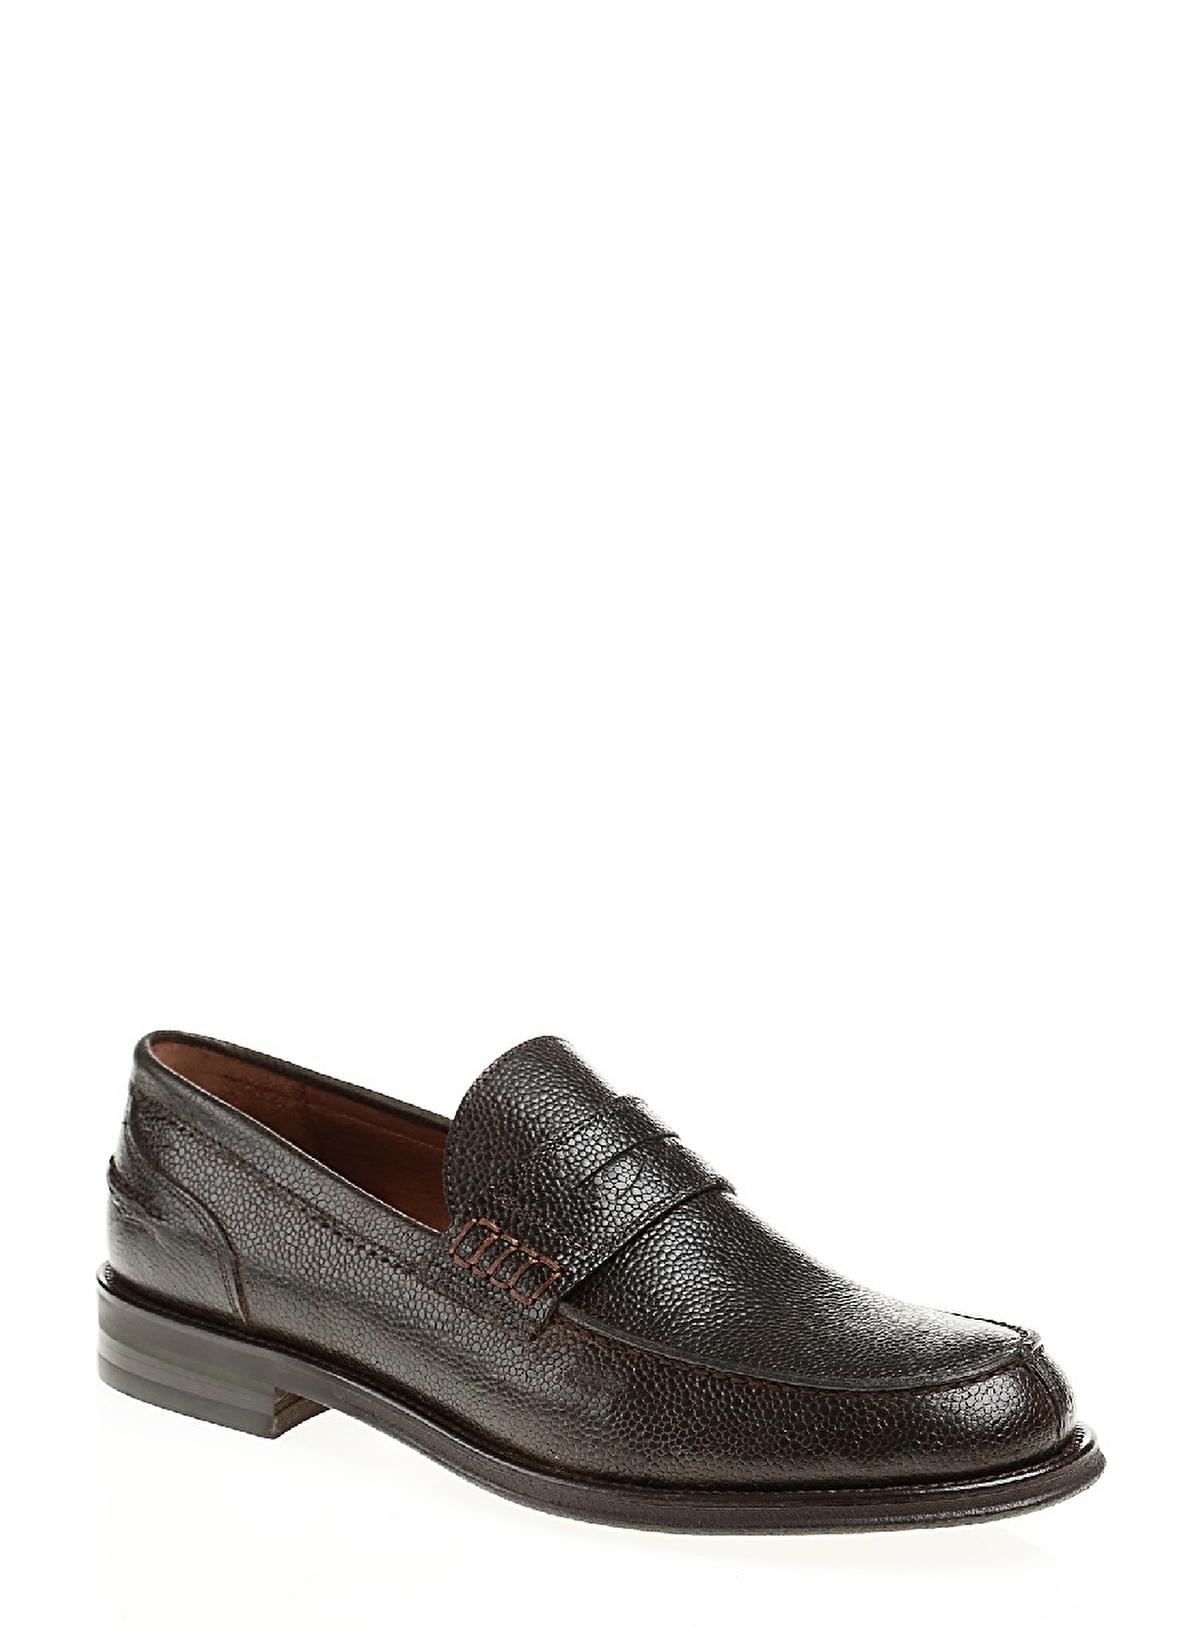 George Hogg %100 Deri Loafer Ayakkabı 7000975 E Loafer – 399.0 TL